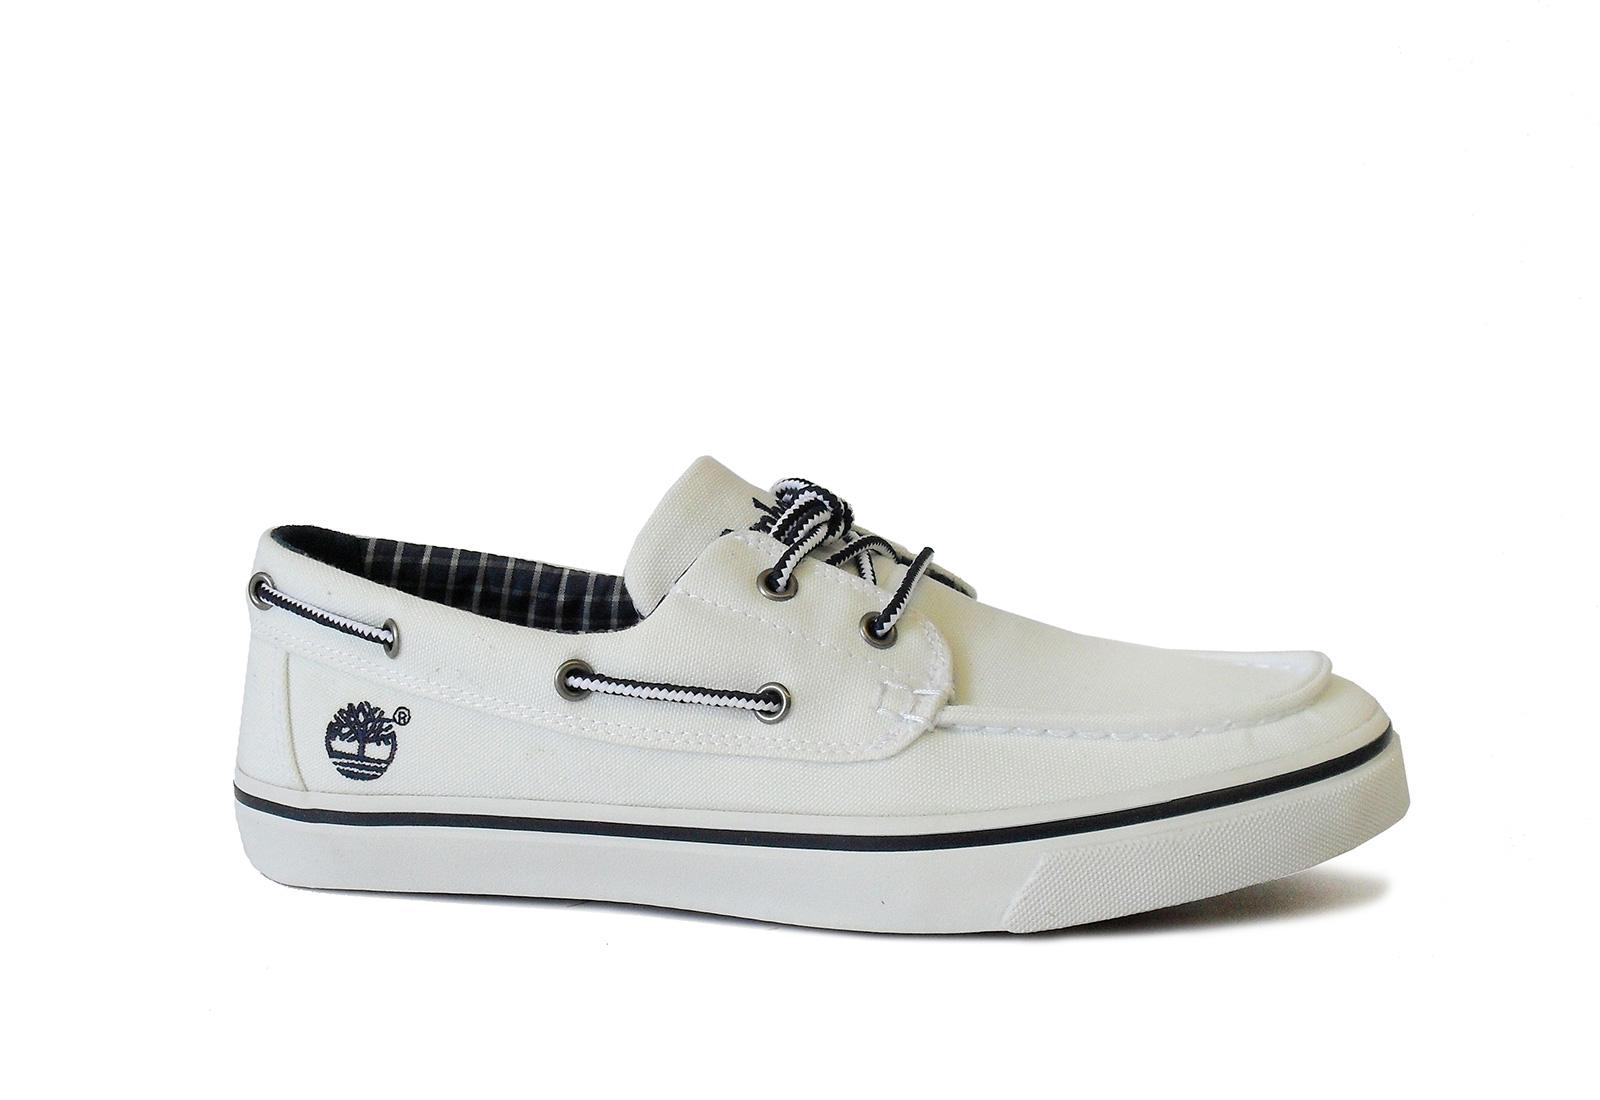 Timberland Cipő - Boatox - 6538R-wht - Office Shoes Magyarország 6d21abfad8